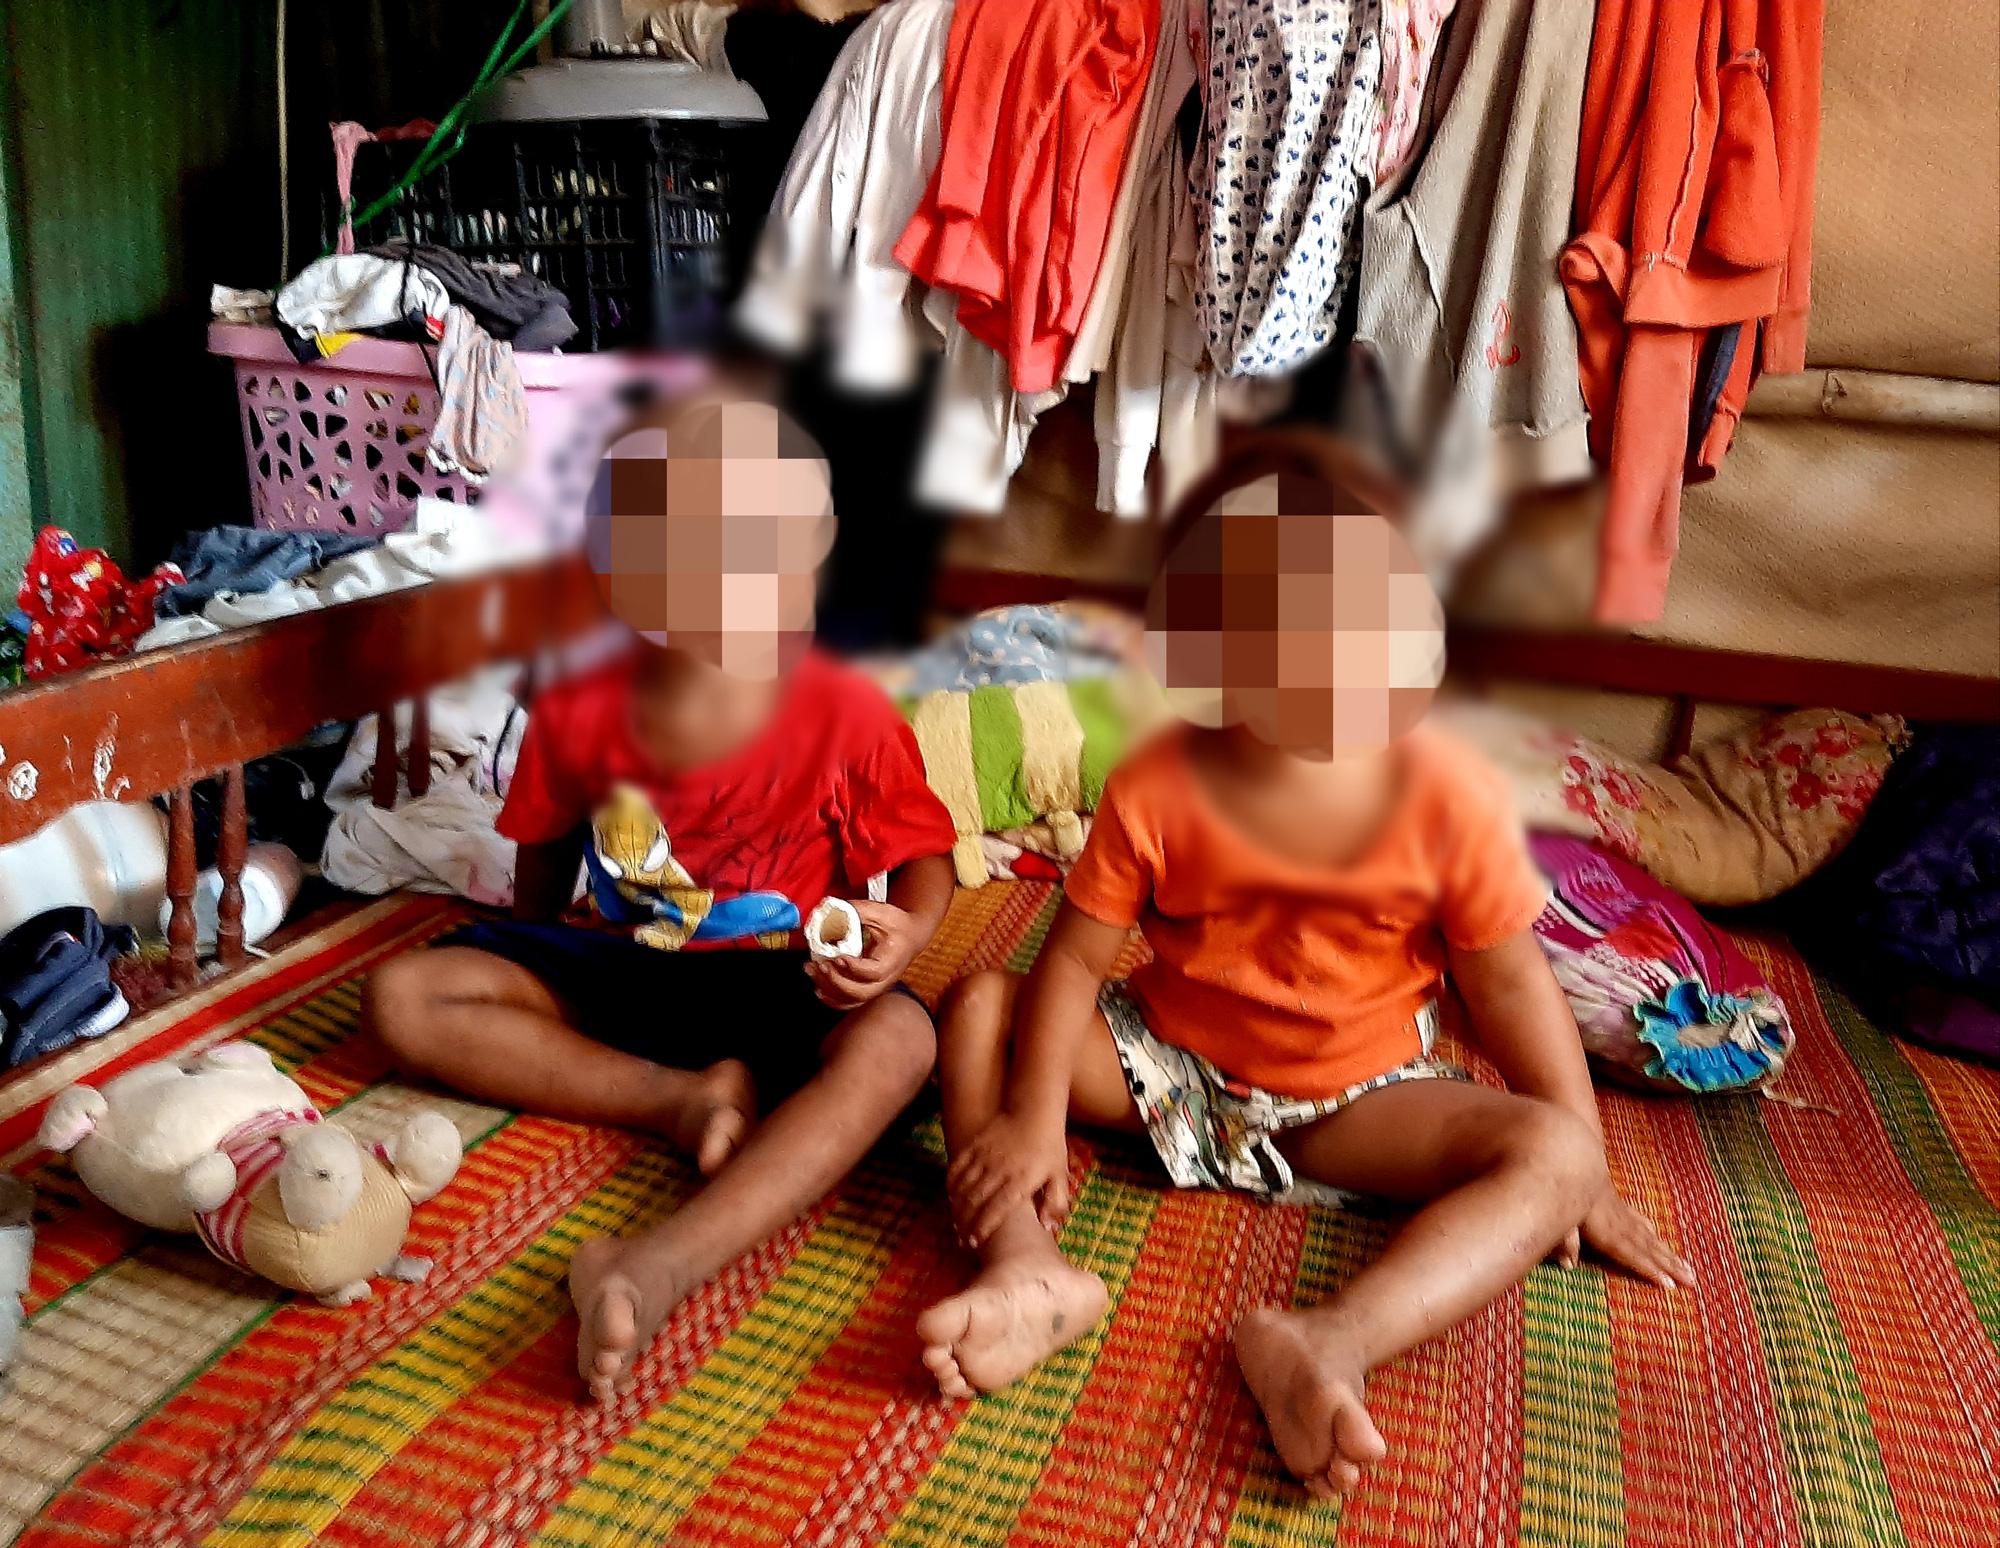 Gia cảnh khốn cùng của bé 6 tuổi bị cha bạo hành ở Sóc Trăng - Ảnh 4.